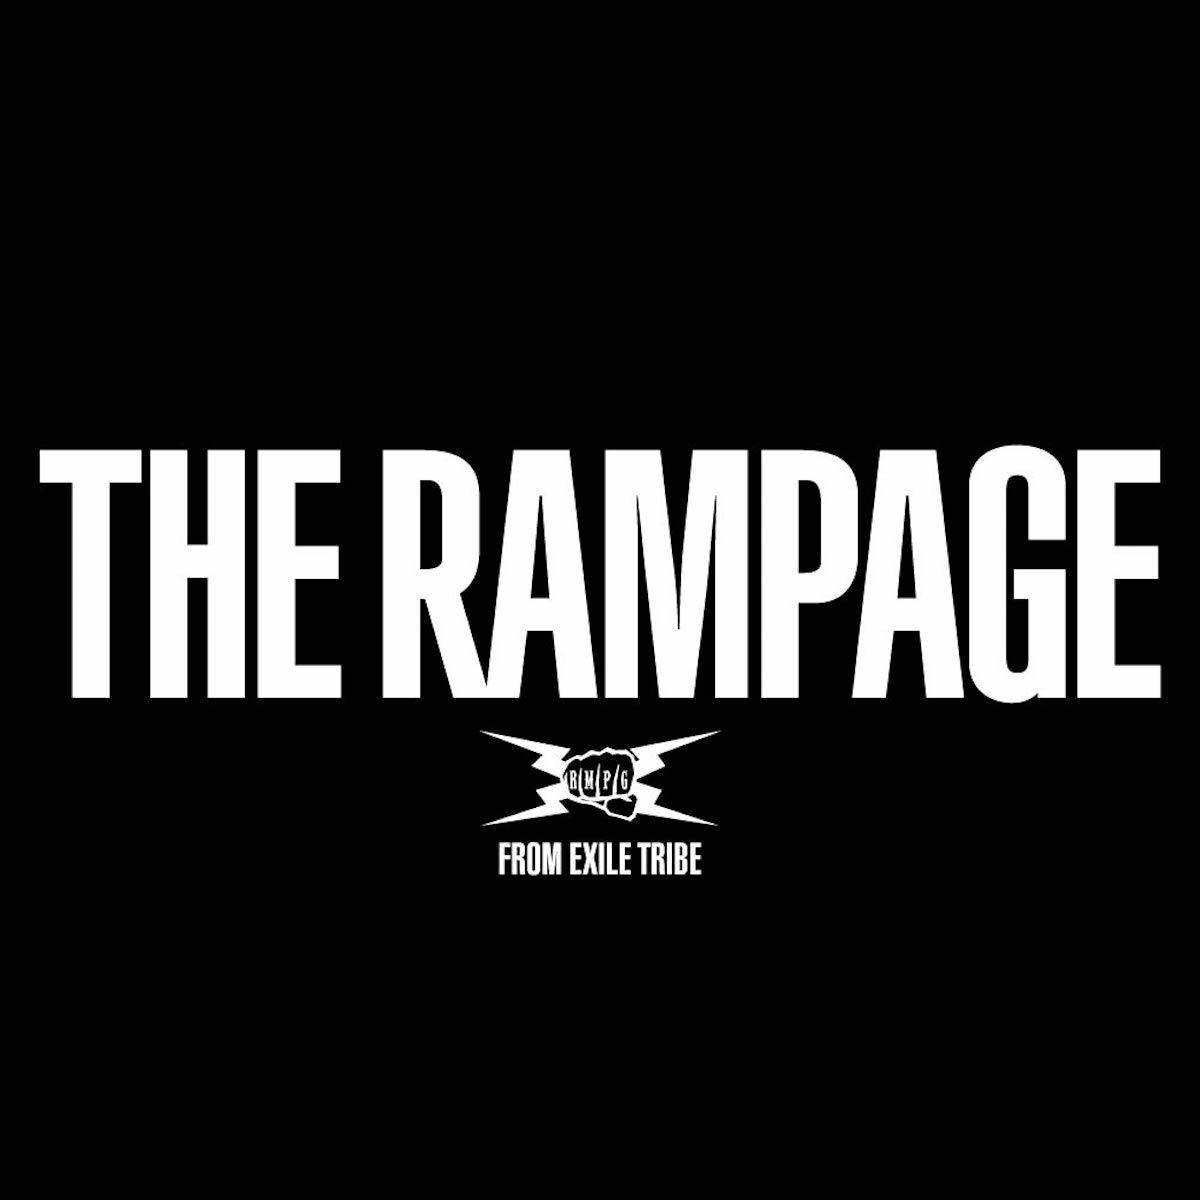 ラン ページ アルバム CDアルバム|THE RAMPAGE from